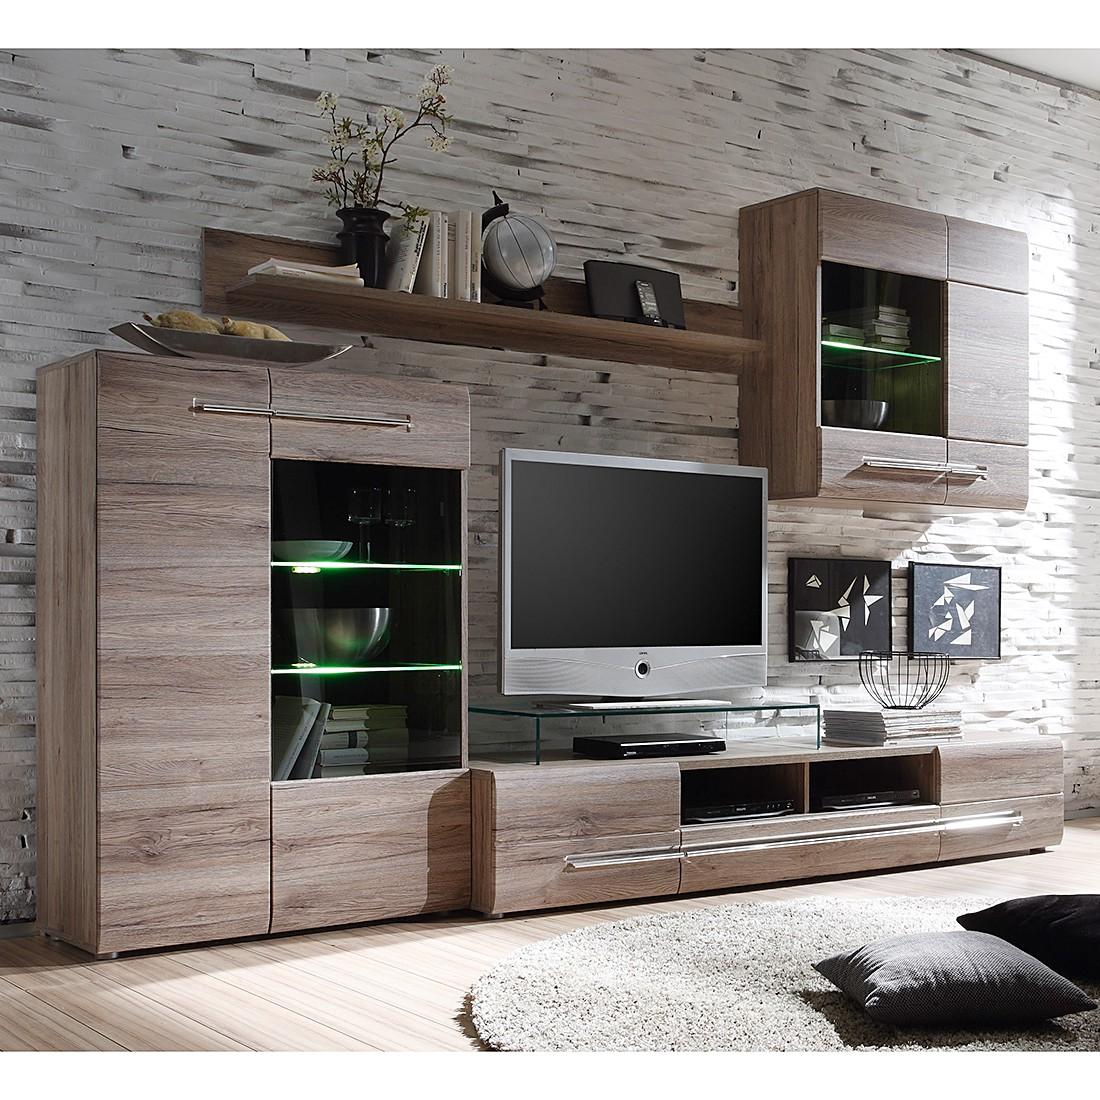 wohnwand robaa 4 teilig eiche sanremo dunkel dekor modoform kaufen. Black Bedroom Furniture Sets. Home Design Ideas